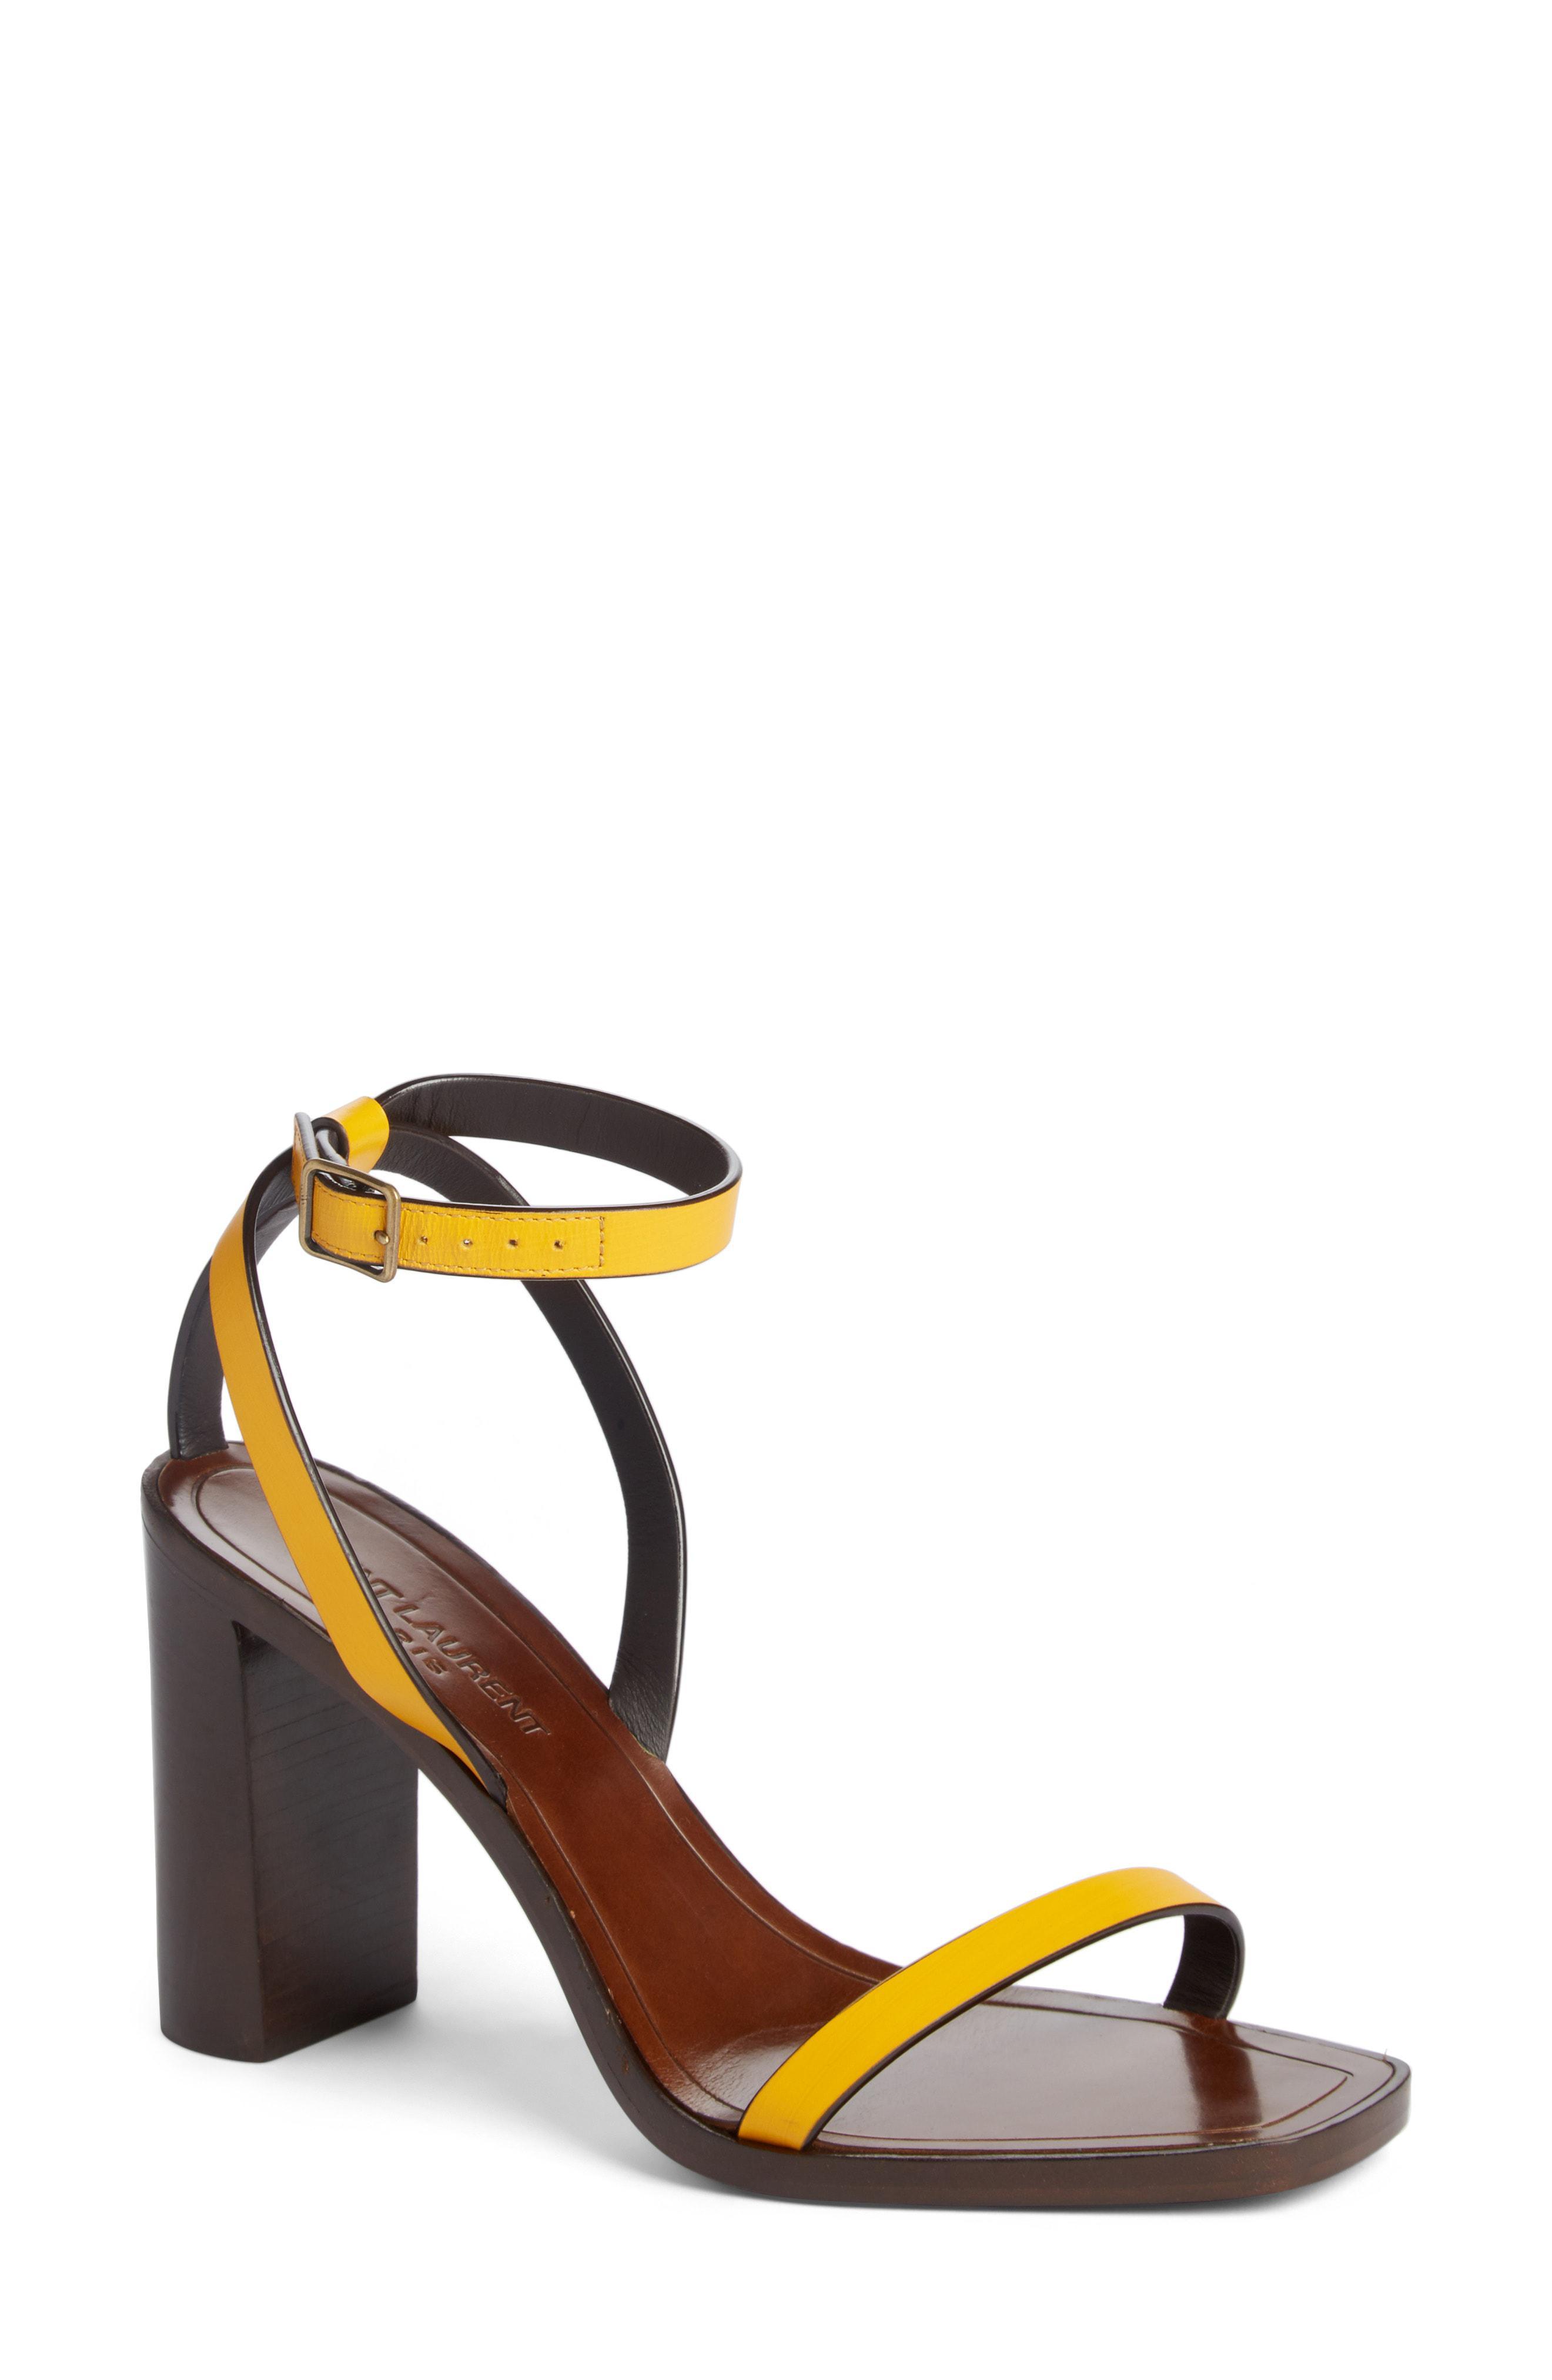 93daf012602 Lyst - Saint Laurent Loulou Ankle Strap Sandal in Black